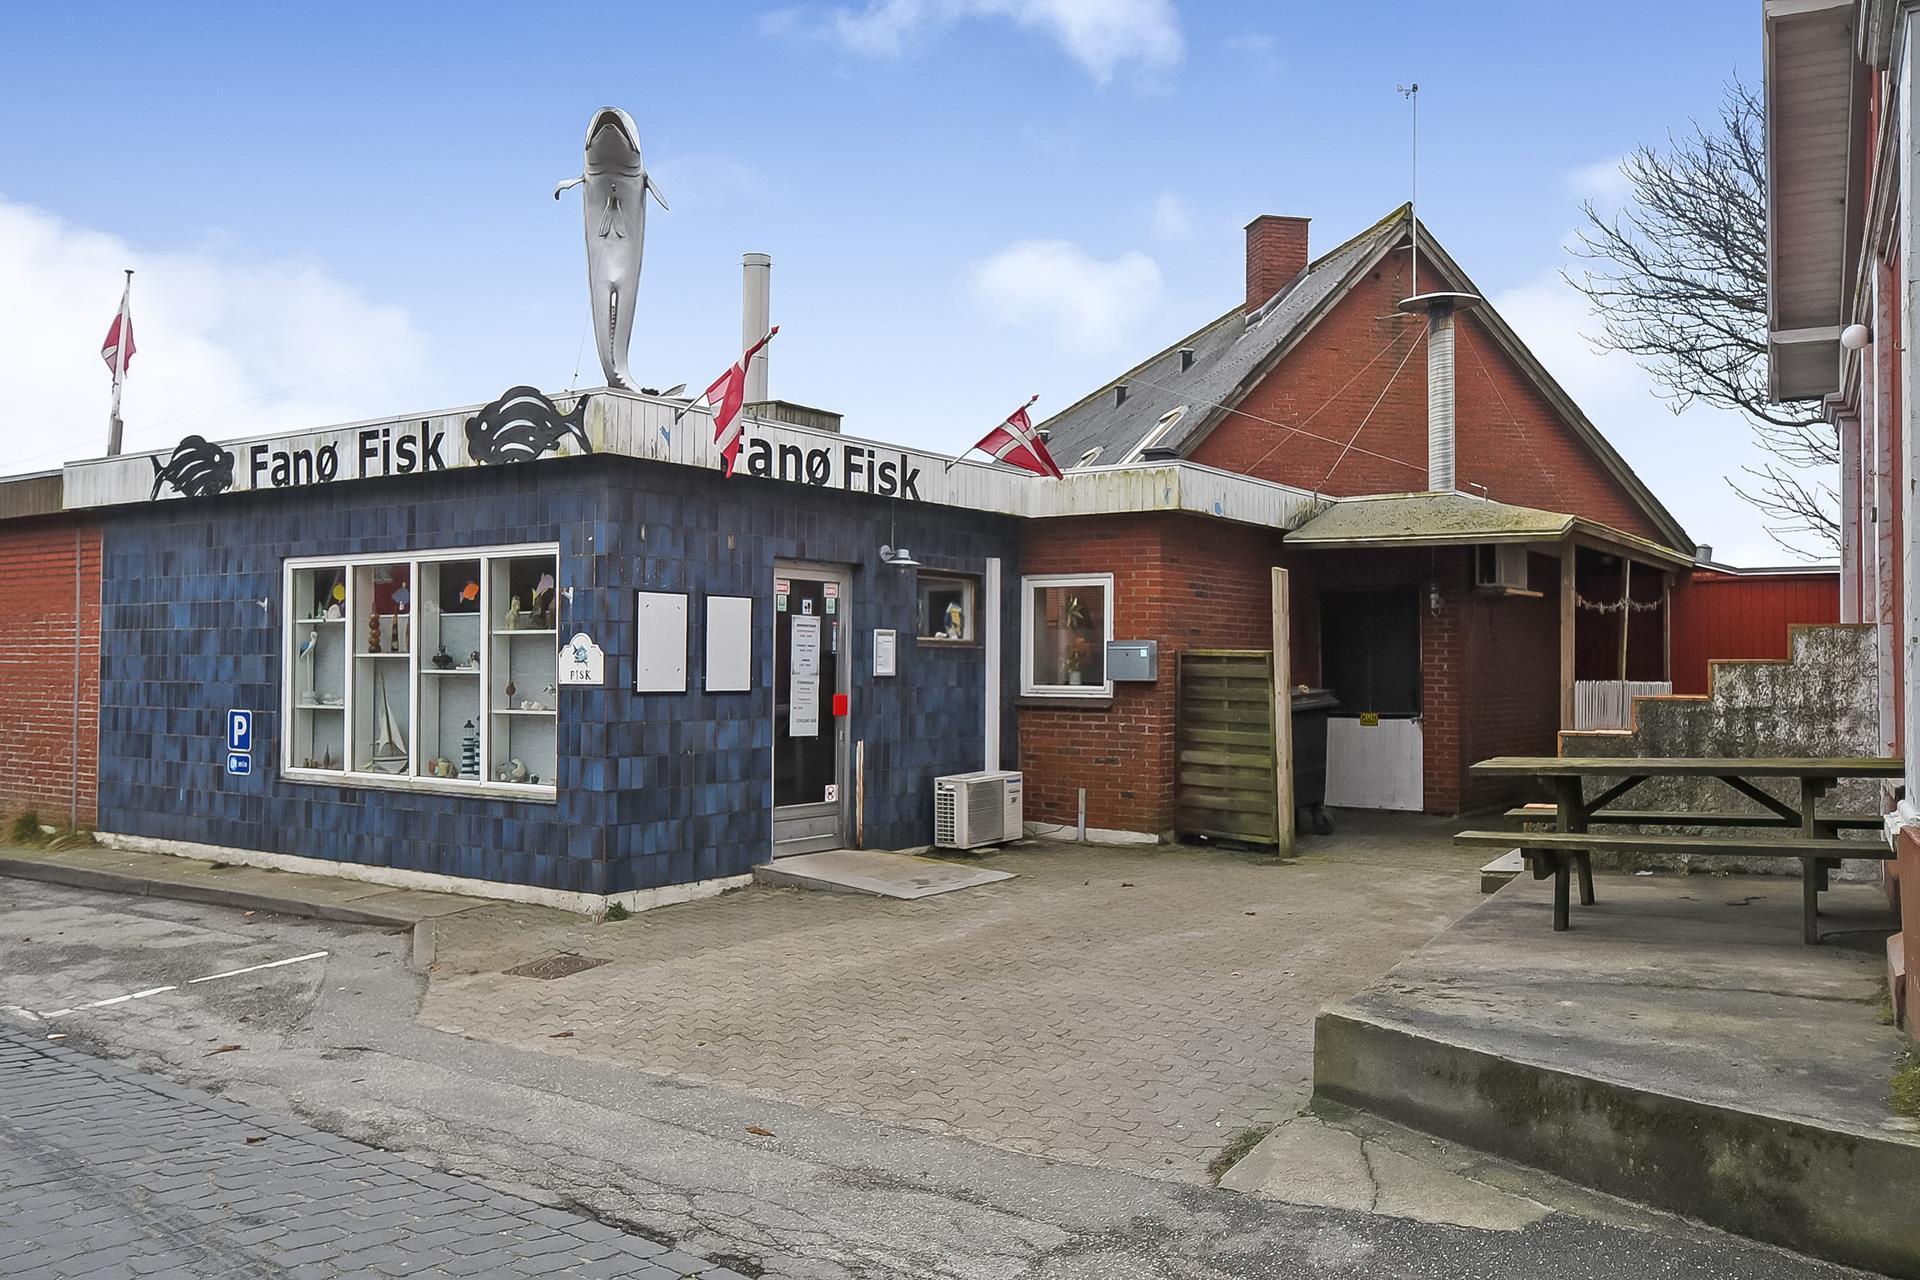 Bolig/erhverv på Havnevej i Fanø - Ejendommen